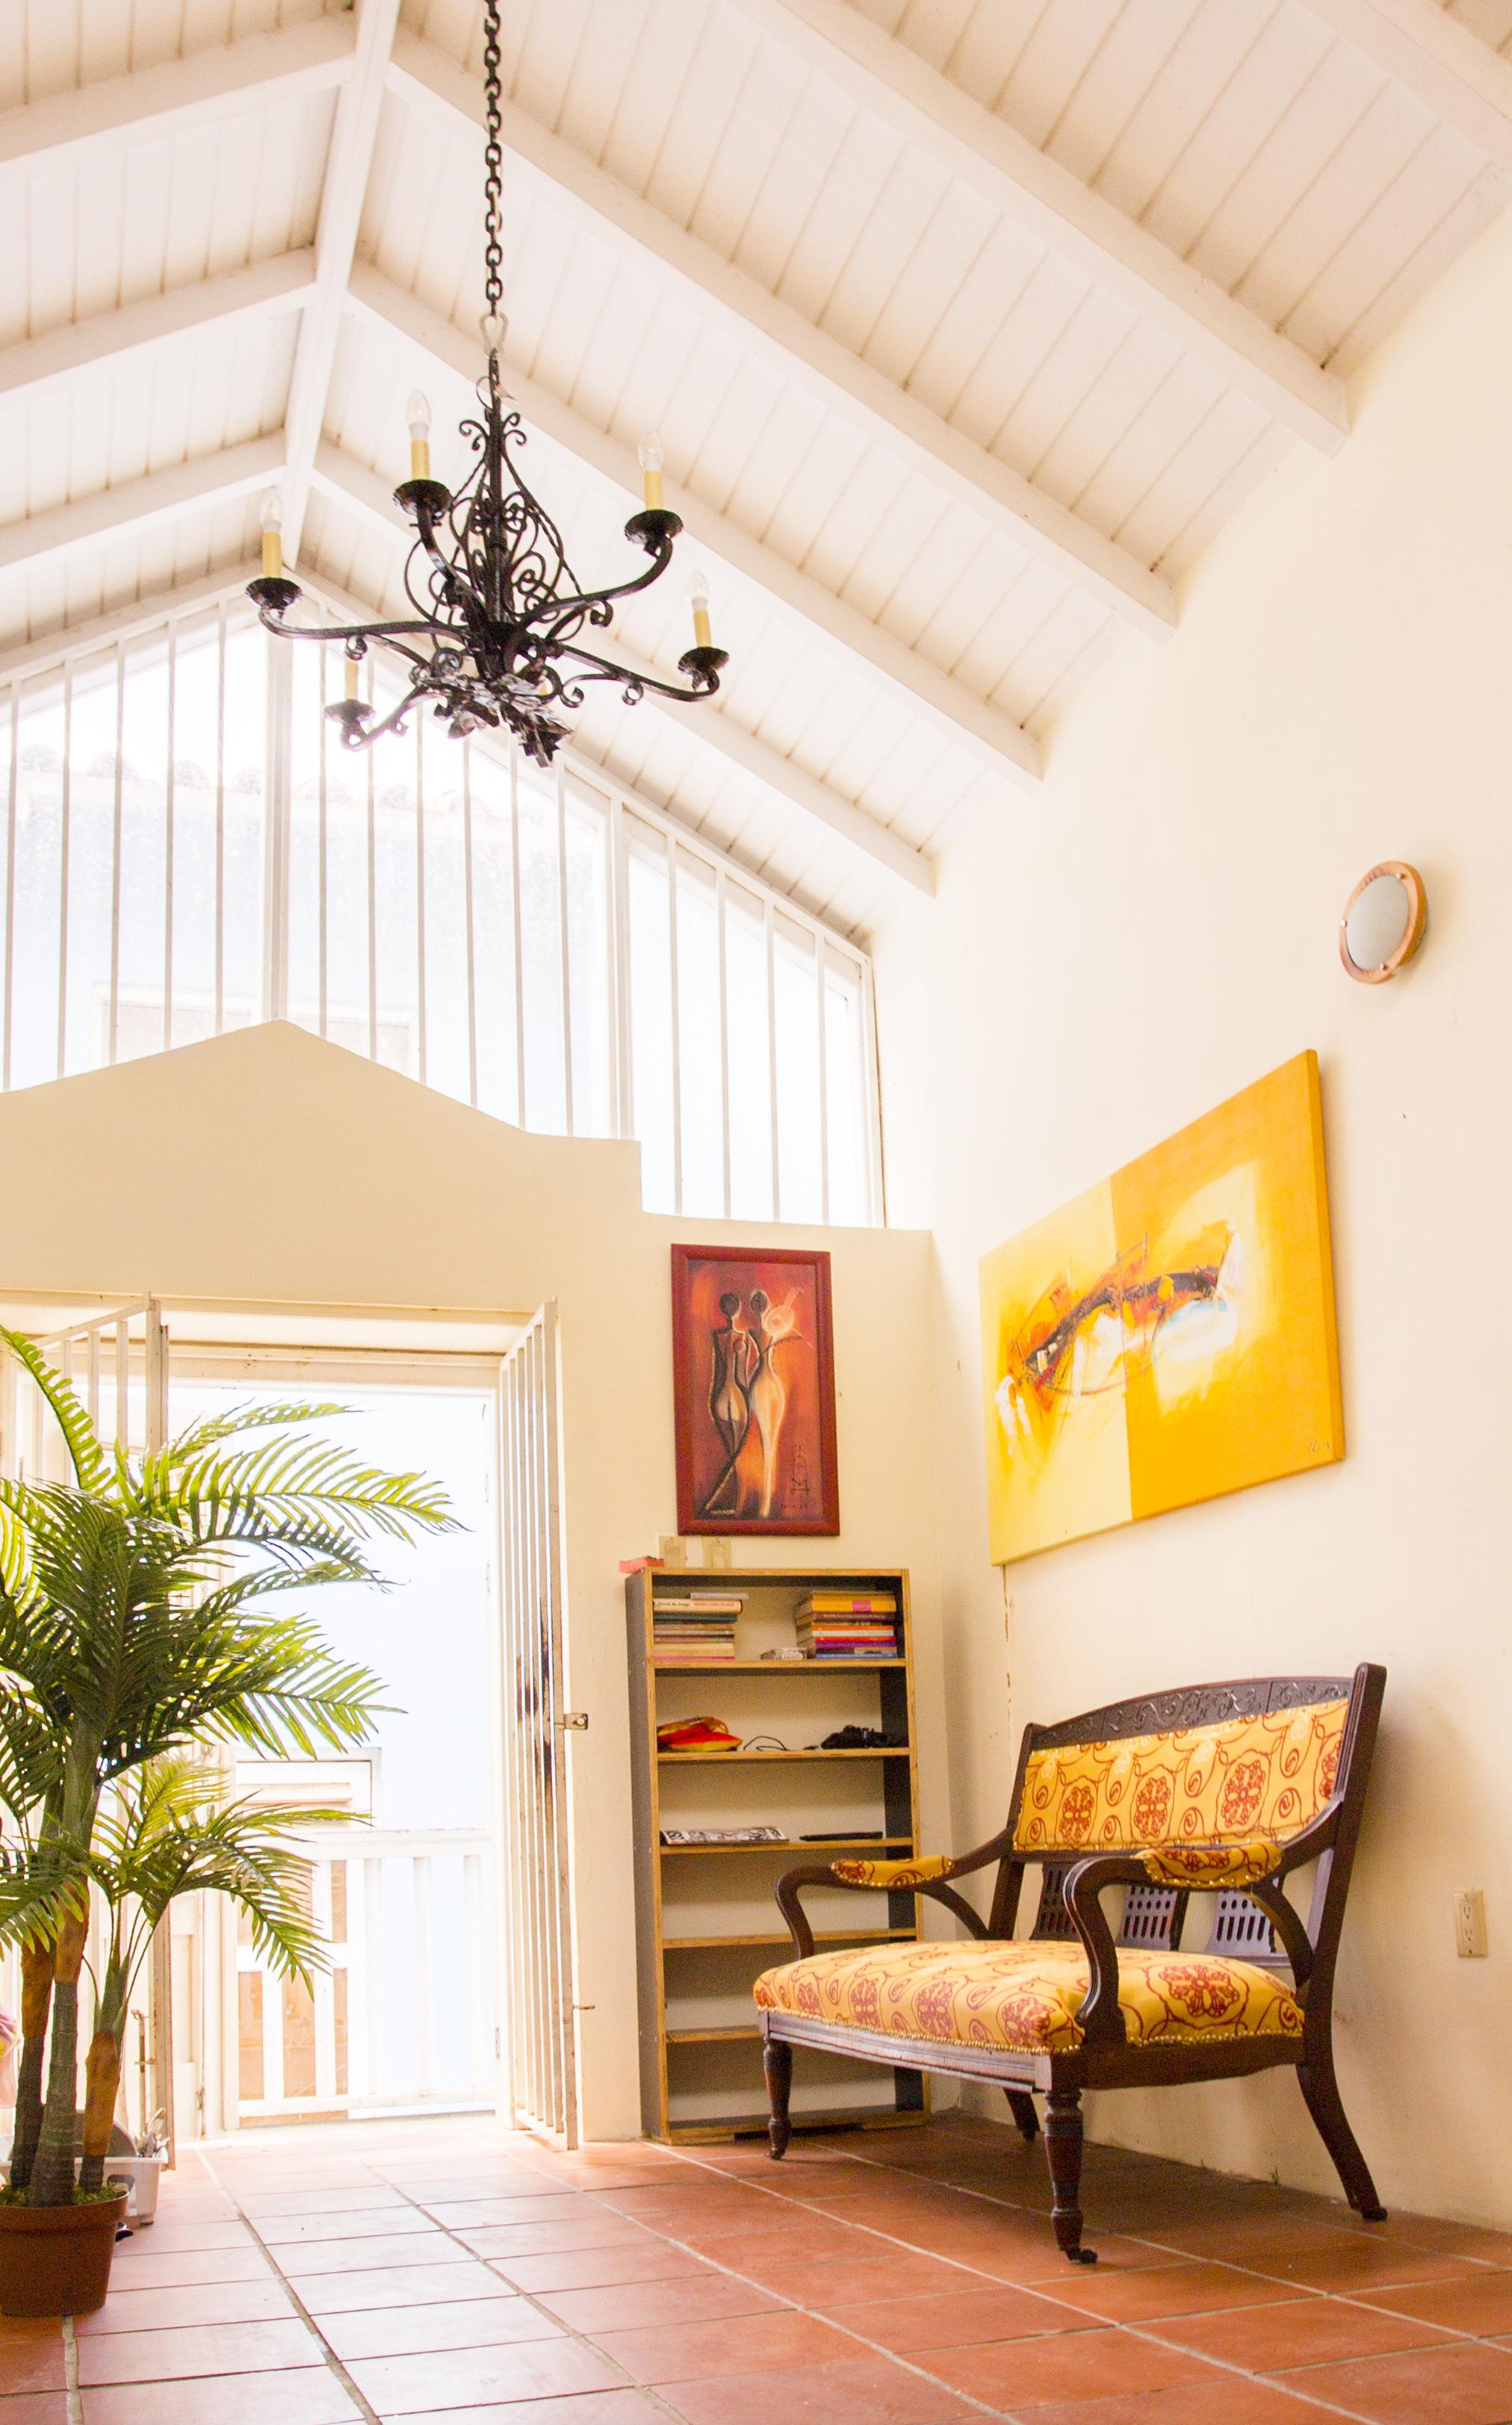 StageDesk-Curaçao-Dolfijn-BergAltena-Pelikaan-huis06.jpg